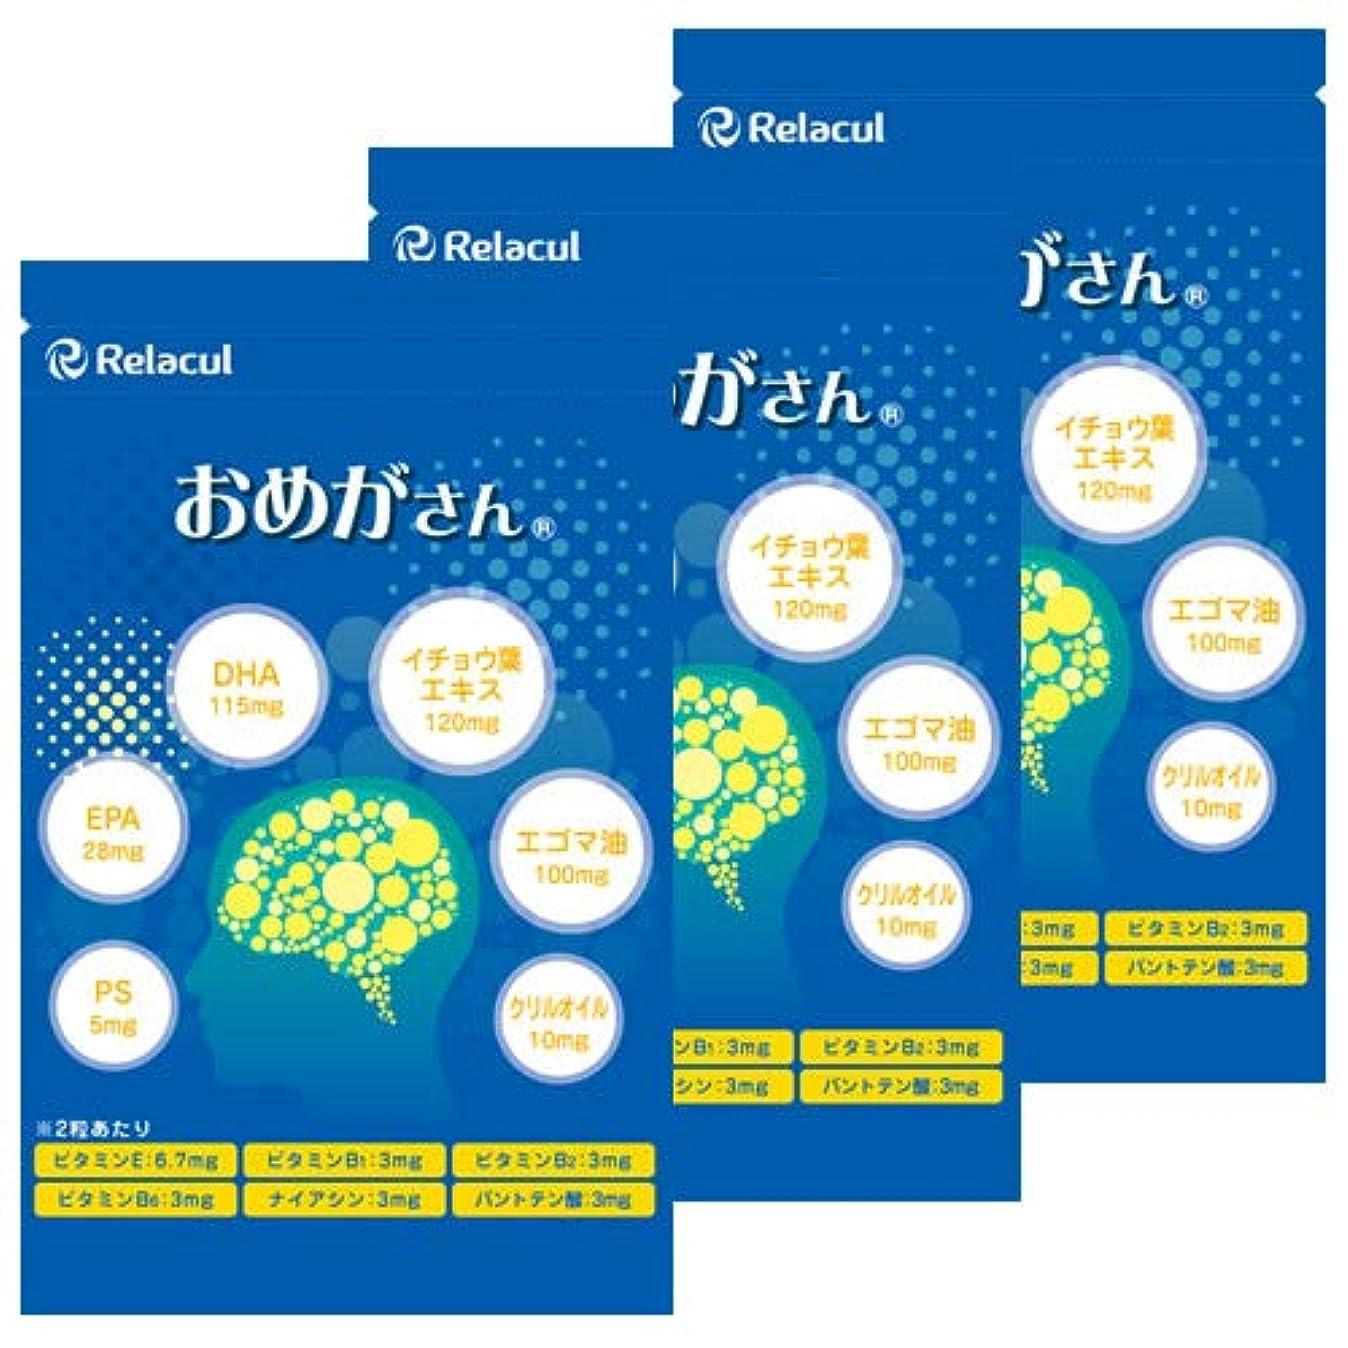 ひも繁殖副産物オメガ3脂肪酸 DHA EPA サプリ (日本製) うっかり 対策 サプリメント [偏った食生活に] フィッシュオイル イチョウ葉エキス エゴマ油 クリルオイル [おめがさん 3袋セット] 180粒入 (約3か月分)